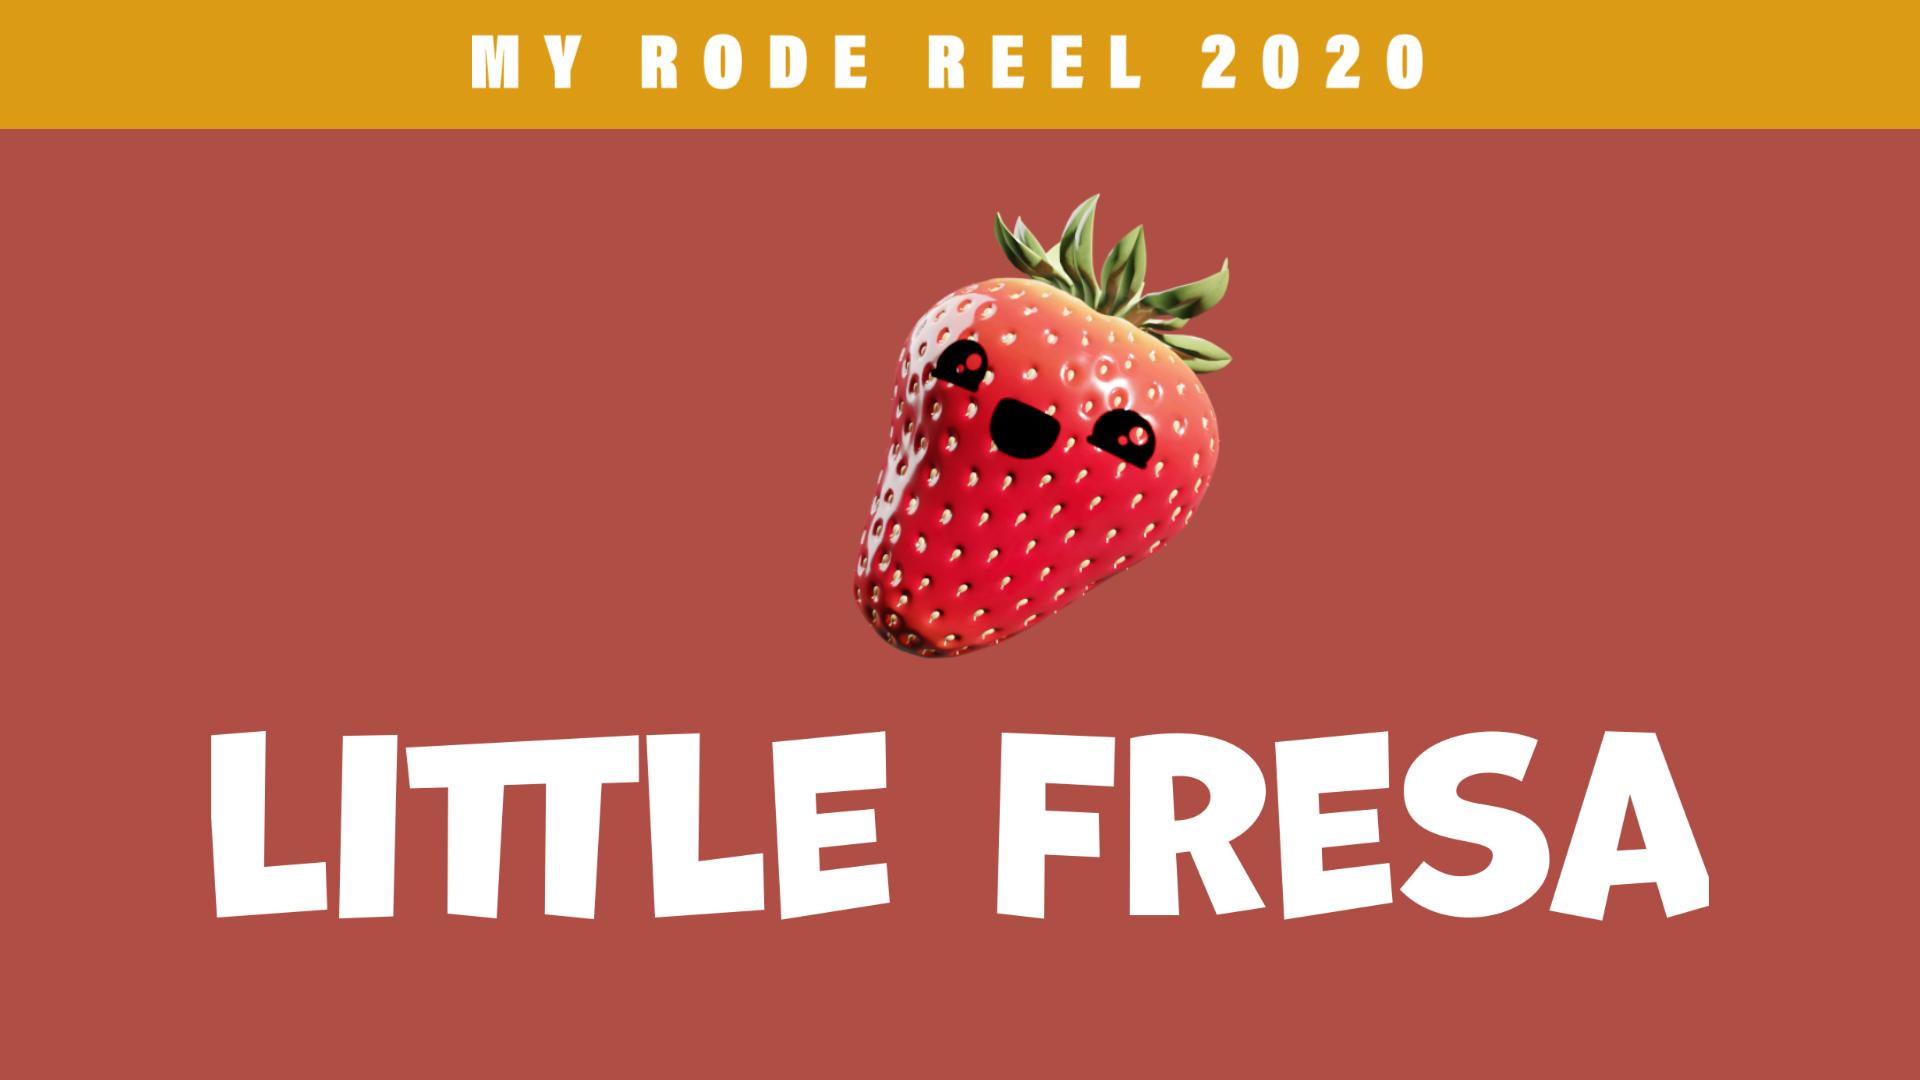 Little Fresa | My Rode Reel 2020